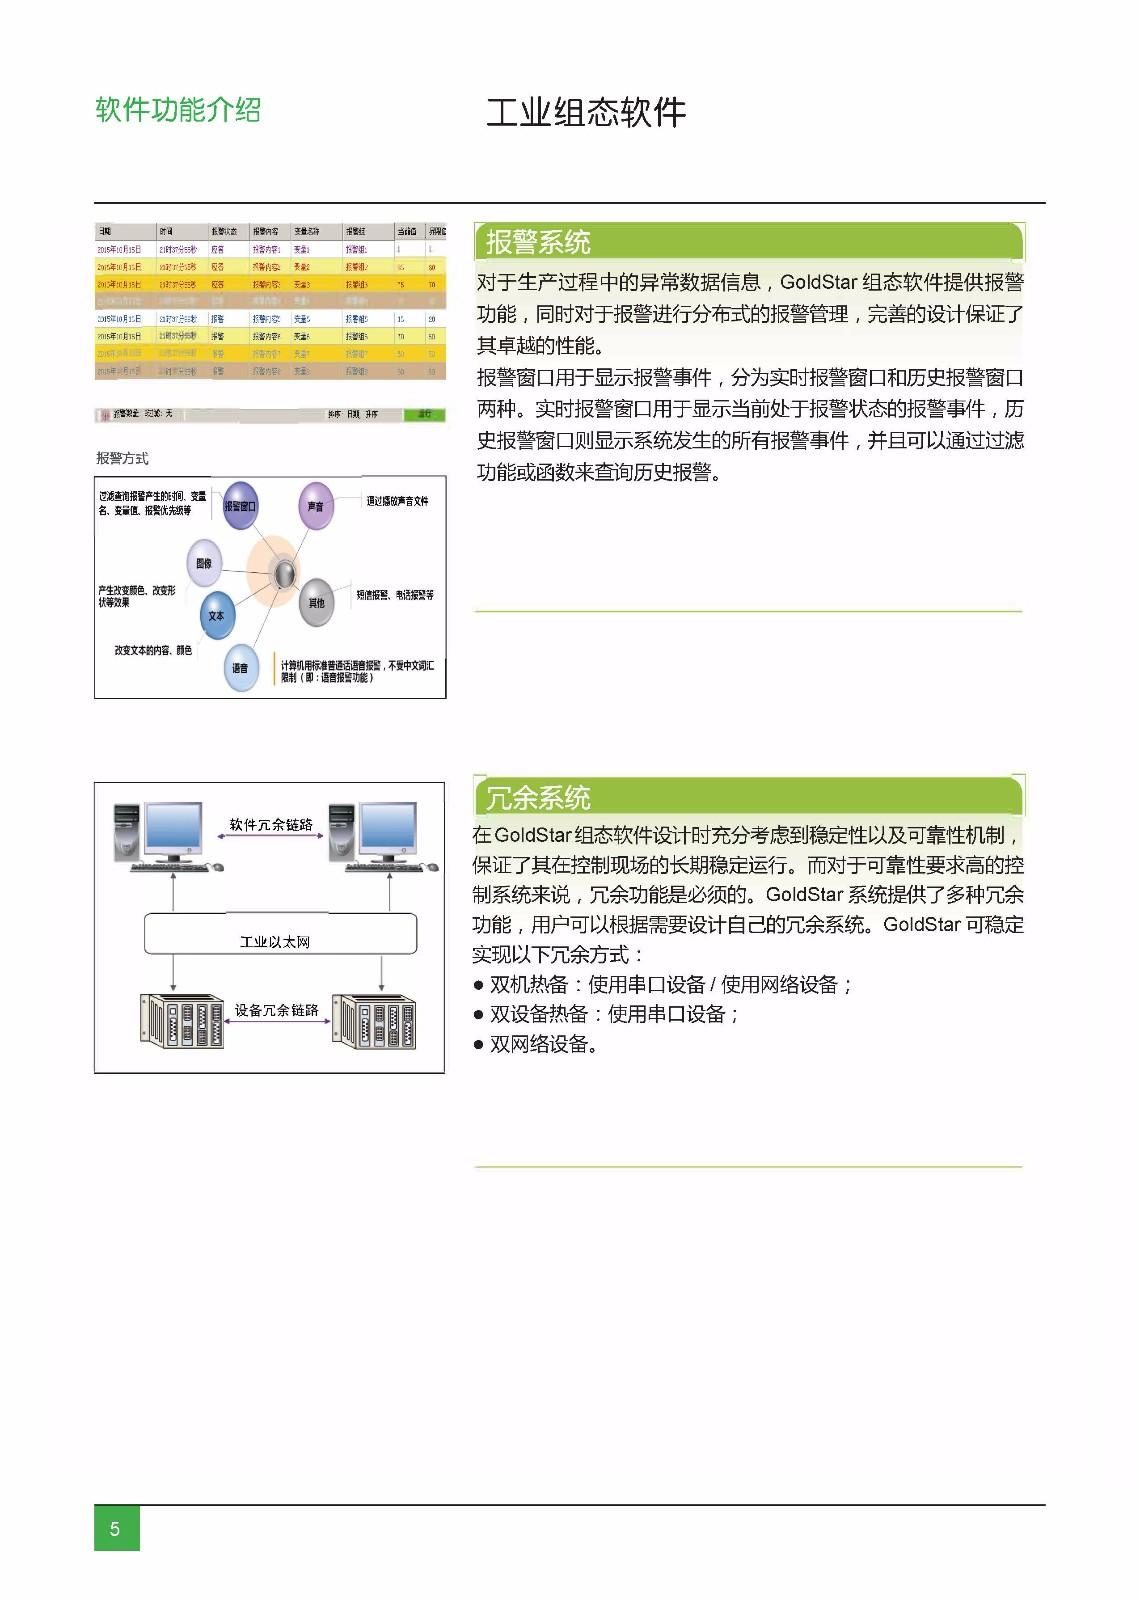 纯组态软件产品介绍_页面_5.jpg